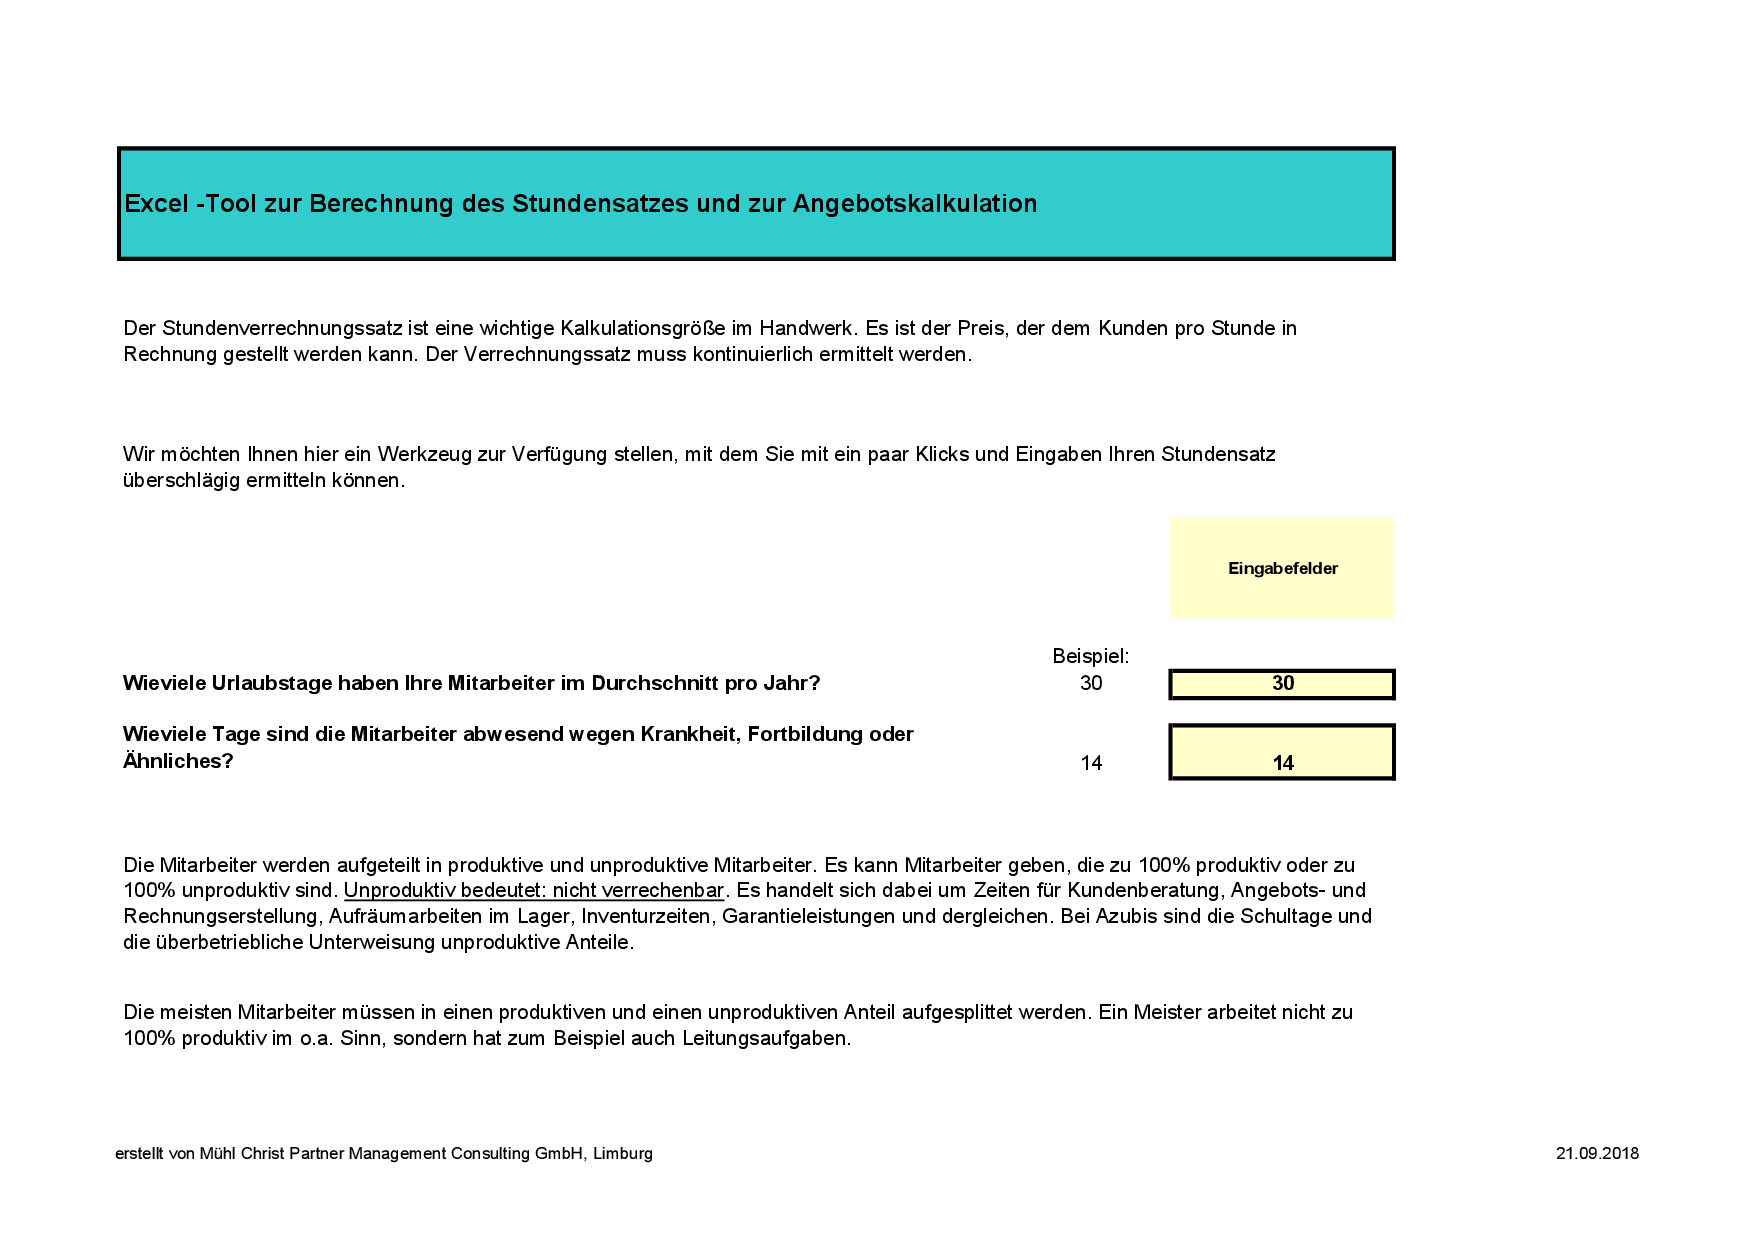 Berechnung Stundenverrechnungssatz Handwerk  Stundensatz Rechner kostenlos online